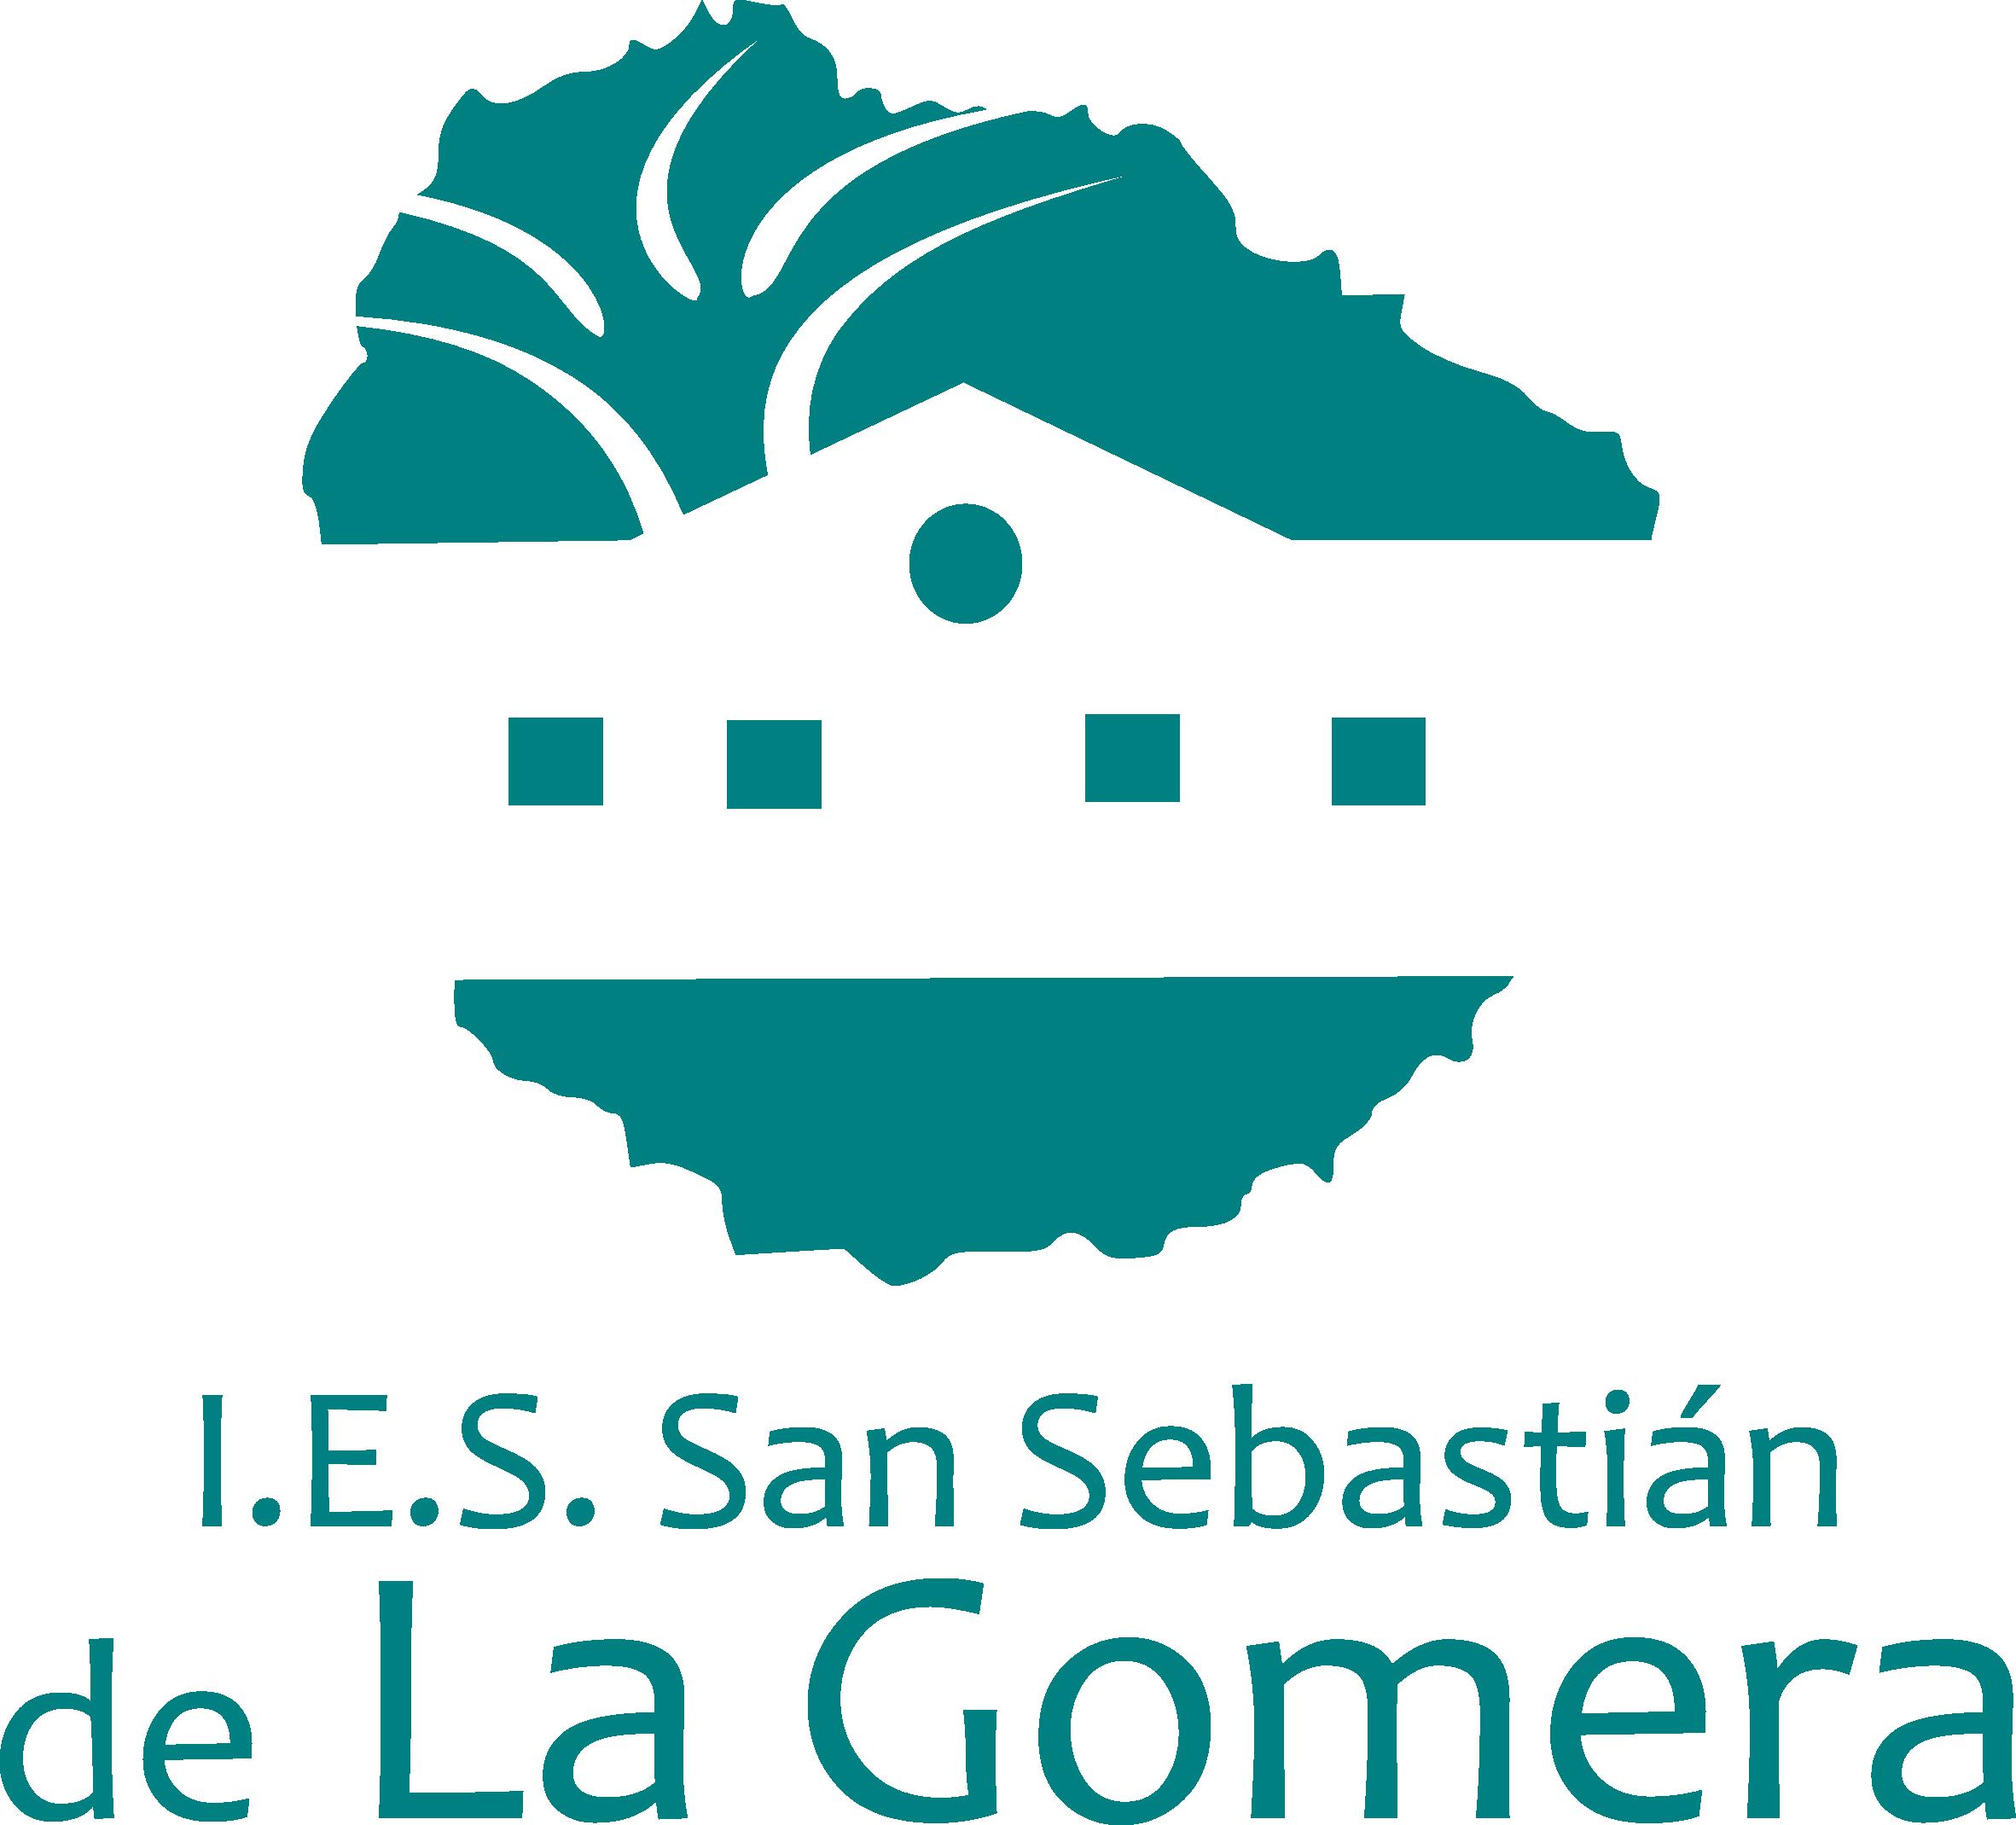 IES San Sebastián de la Gomera